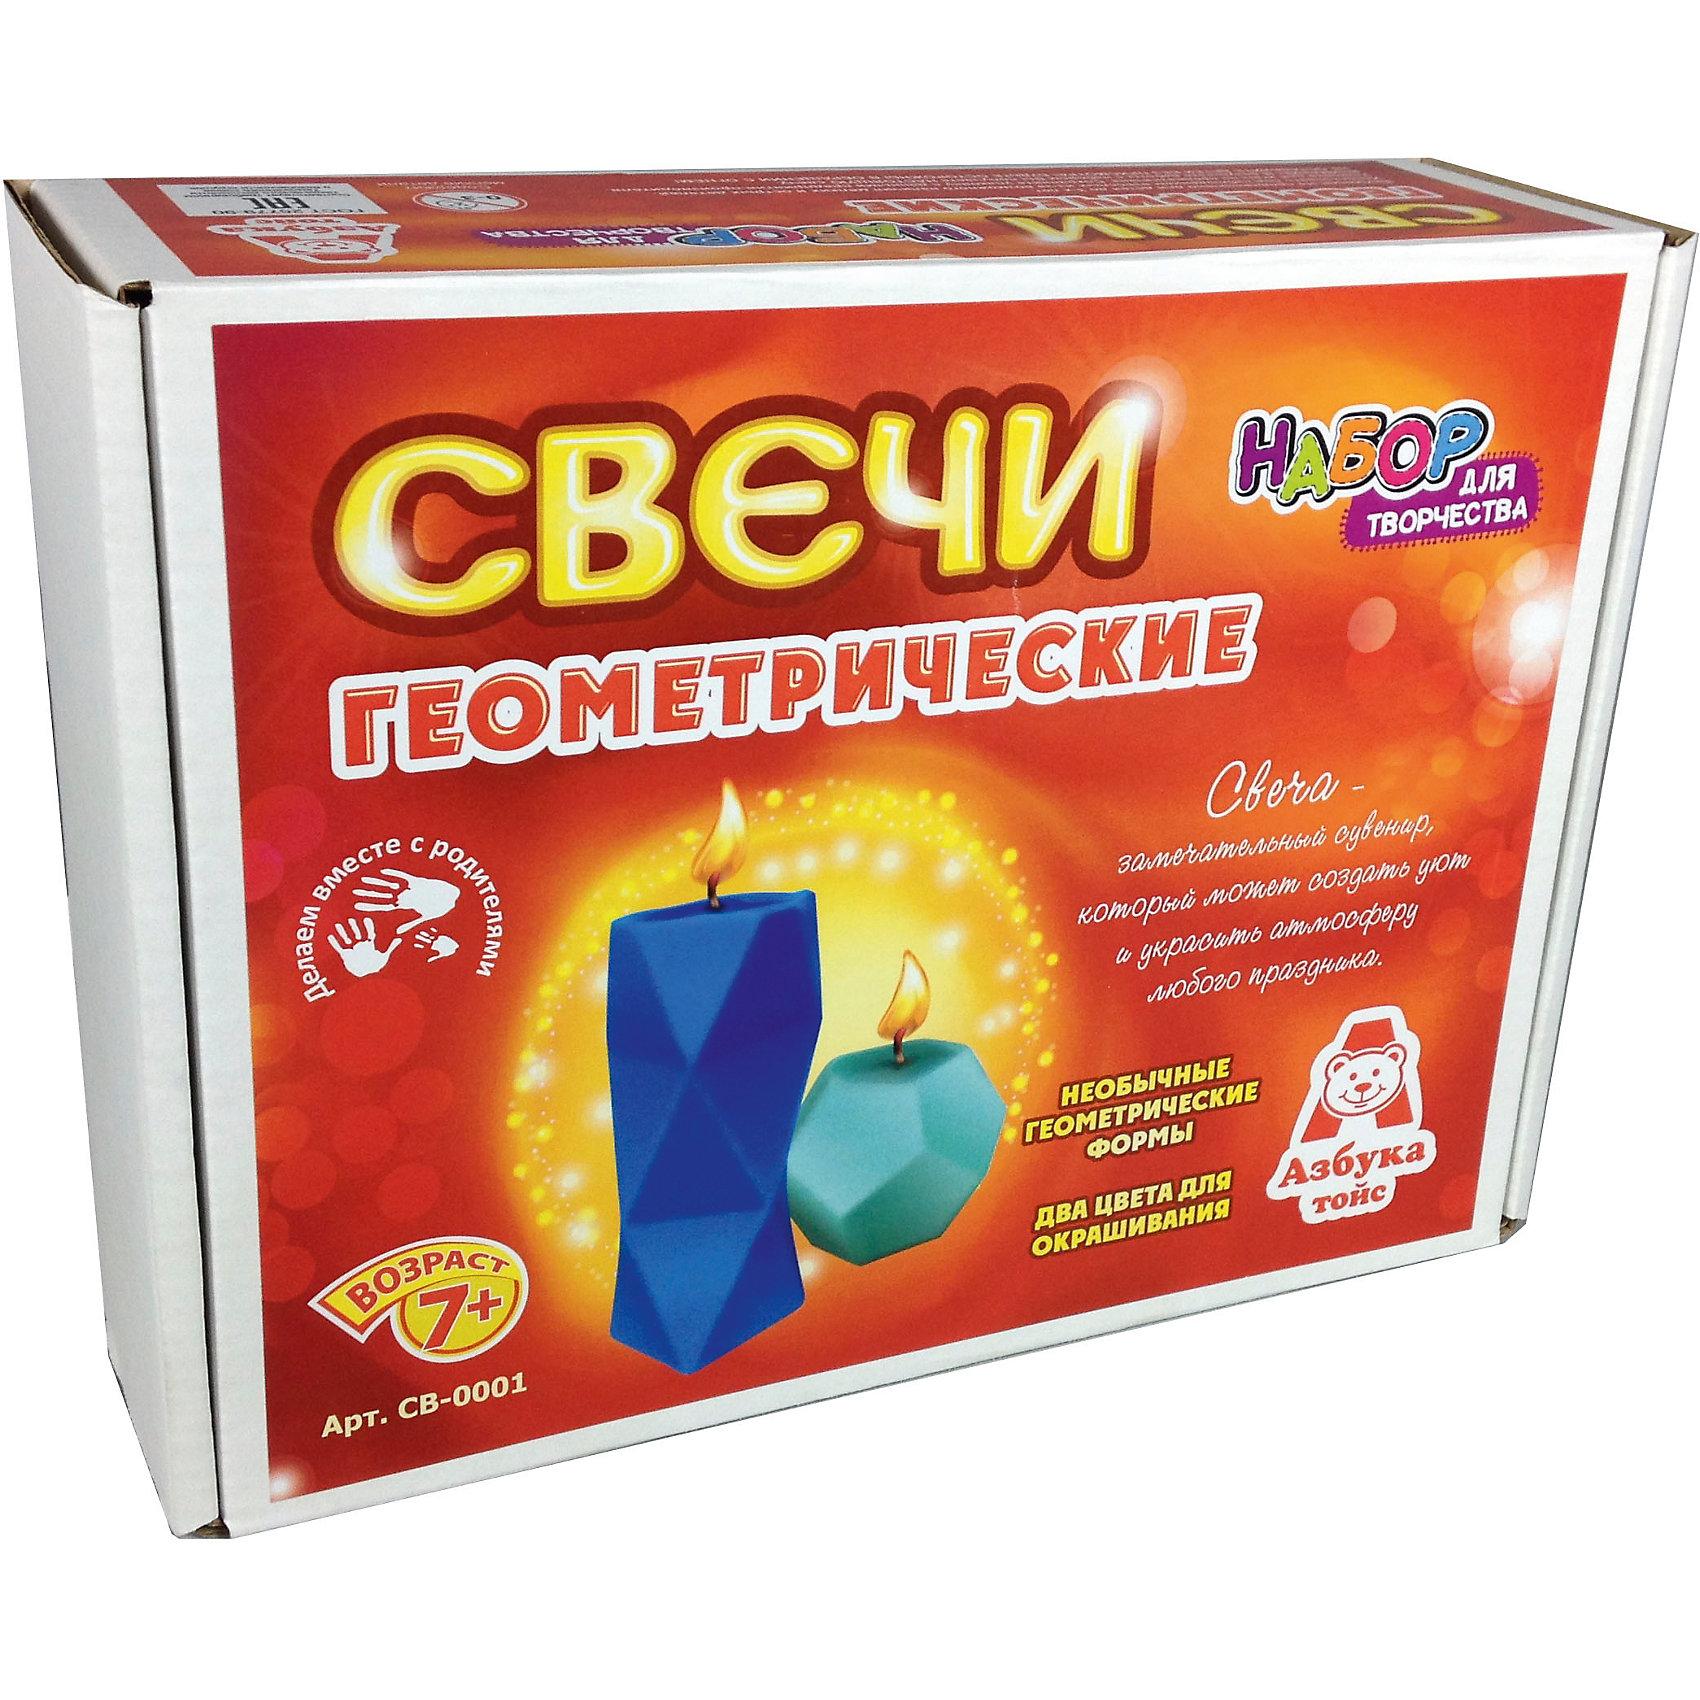 Свечи геометрическиеНовогоднее творчество<br>Характеристики товара:<br><br>• упаковка: коробка<br>• материал: парафин<br>• возраст: 7+<br>• масса: 368 г<br>• габариты: 220х70х170 мм<br>• комплектация: палочка, парафин, кисть для клея, клей, скотч, восковые мелки, шаблоны<br>• страна бренда: РФ<br>• страна изготовитель: РФ<br><br>Магия огня притягательна для всех возрастов. Создание свечей – интересный и необычный опыт в творчестве малышей. Набор содержит все необходимое, чтобы создать необычную свечу. Готовую свечу можно использовать, как по прямому назначению, так и как элемент декора. <br>Набор станет отличным подарком ребенку, так как он сможет сам сделать красивую вещь для себя или в качестве подарка близким! Материалы, использованные при изготовлении товара, сертифицированы и отвечают всем международным требованиям по качеству. <br><br>Свечи геометрические от бренда Азбука Тойс можно приобрести в нашем интернет-магазине.<br><br>Ширина мм: 220<br>Глубина мм: 70<br>Высота мм: 170<br>Вес г: 368<br>Возраст от месяцев: 84<br>Возраст до месяцев: 144<br>Пол: Унисекс<br>Возраст: Детский<br>SKU: 5062891